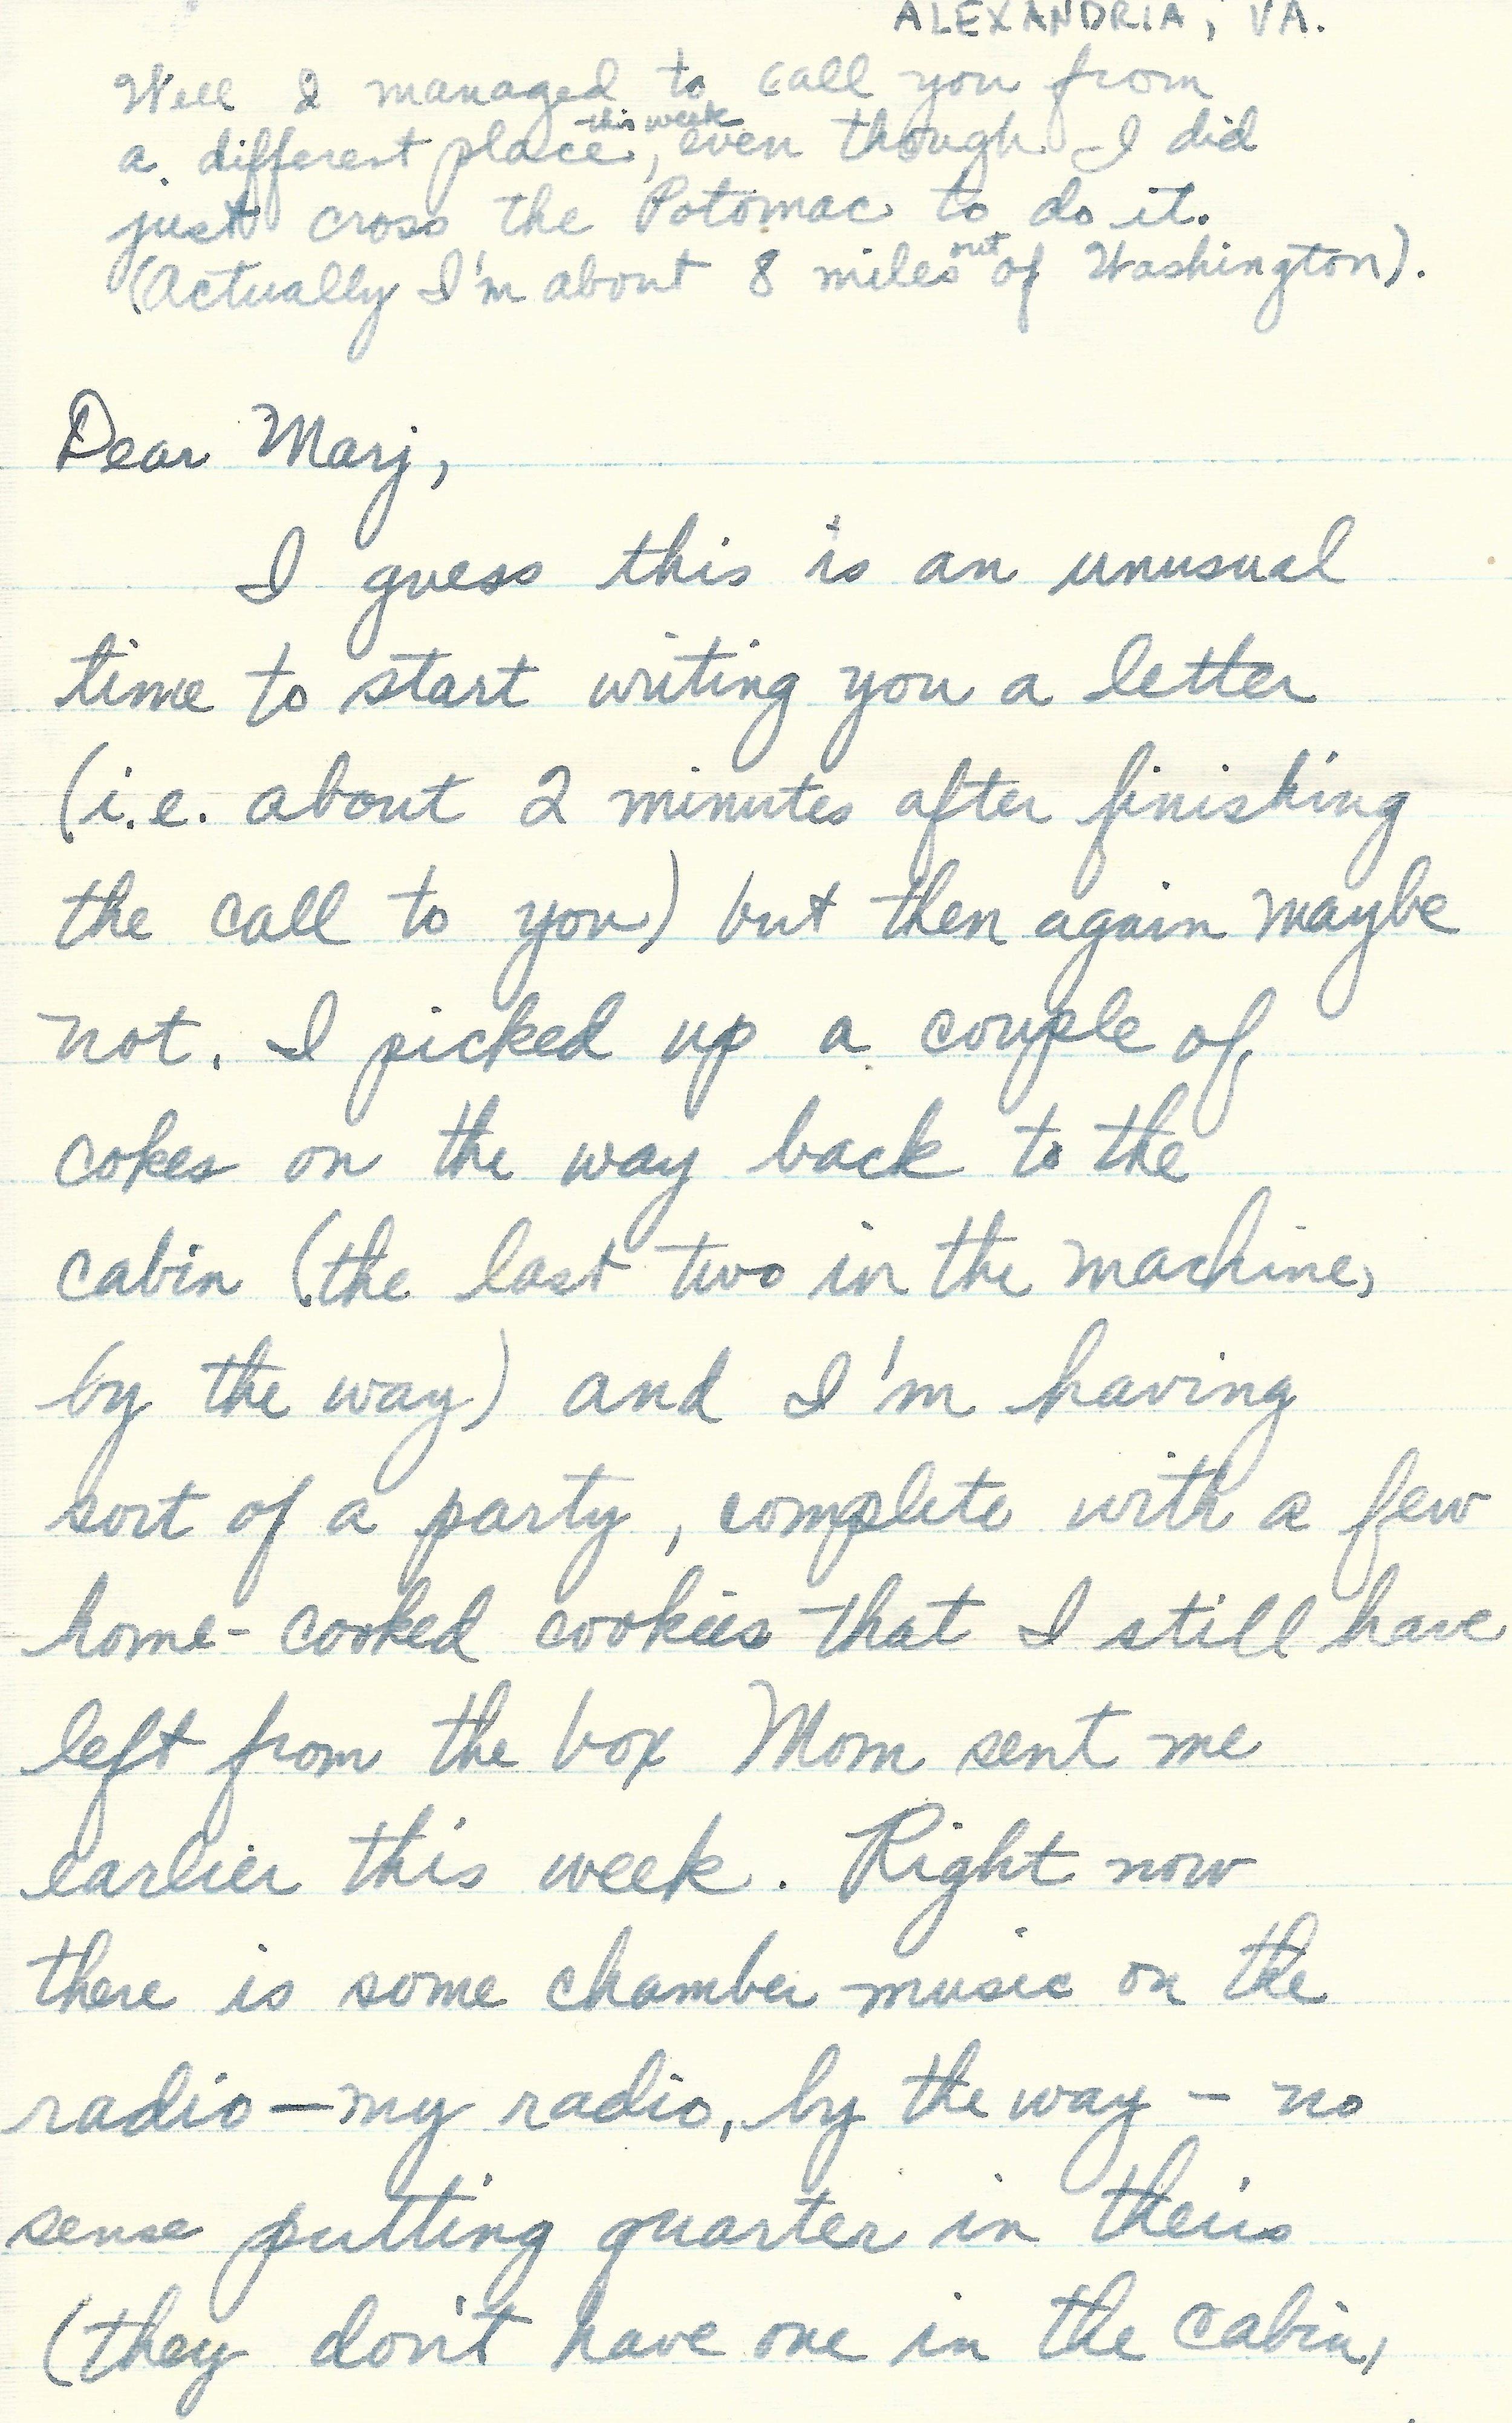 13. Jan. 25, 1953 (Opa)_Page_2.jpg